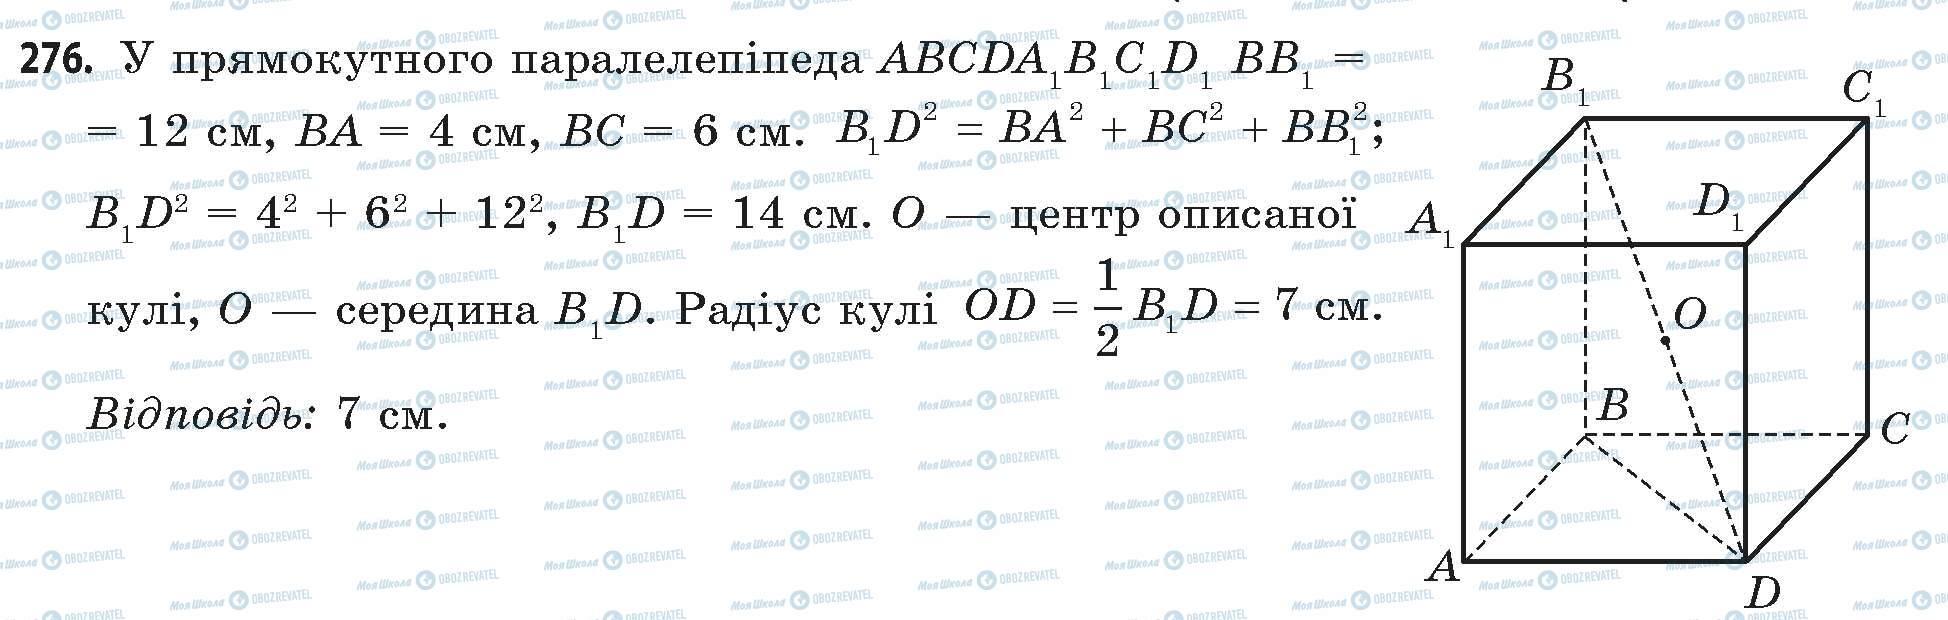 ГДЗ Математика 11 клас сторінка 276